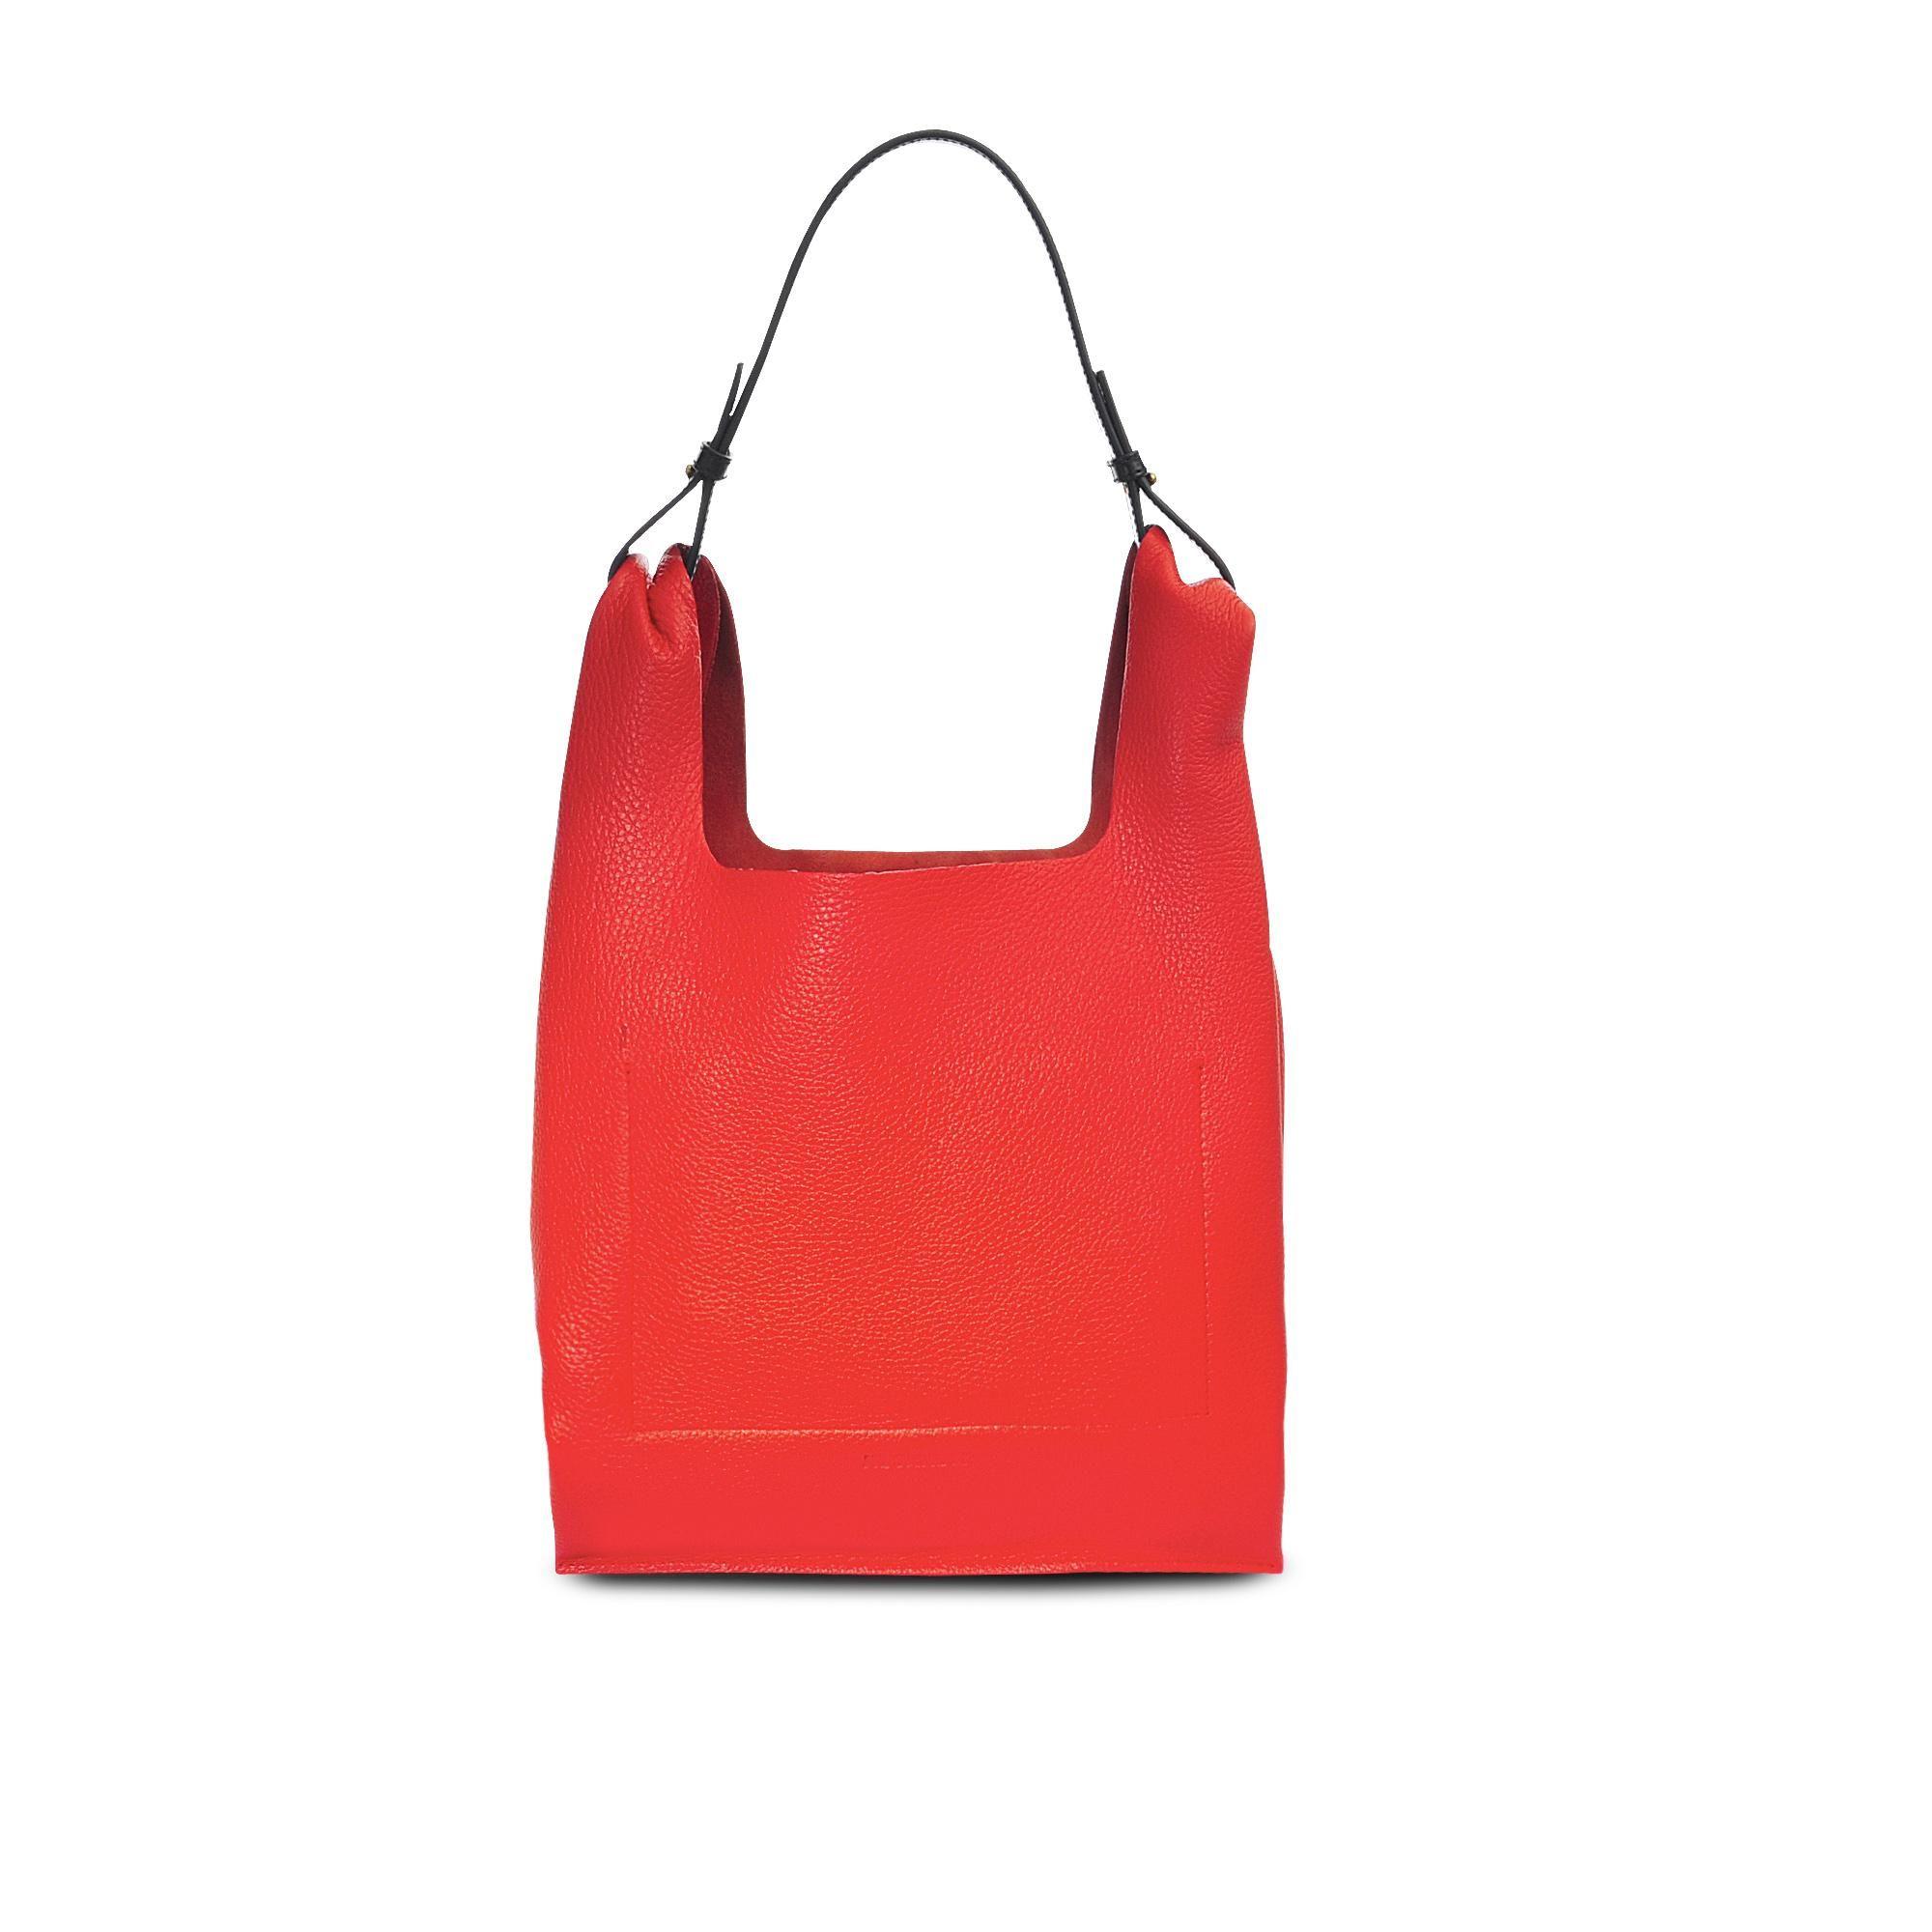 D'accessoires De Monnier Pour Femme Frères Luxe boutique 1WqOOwPvES